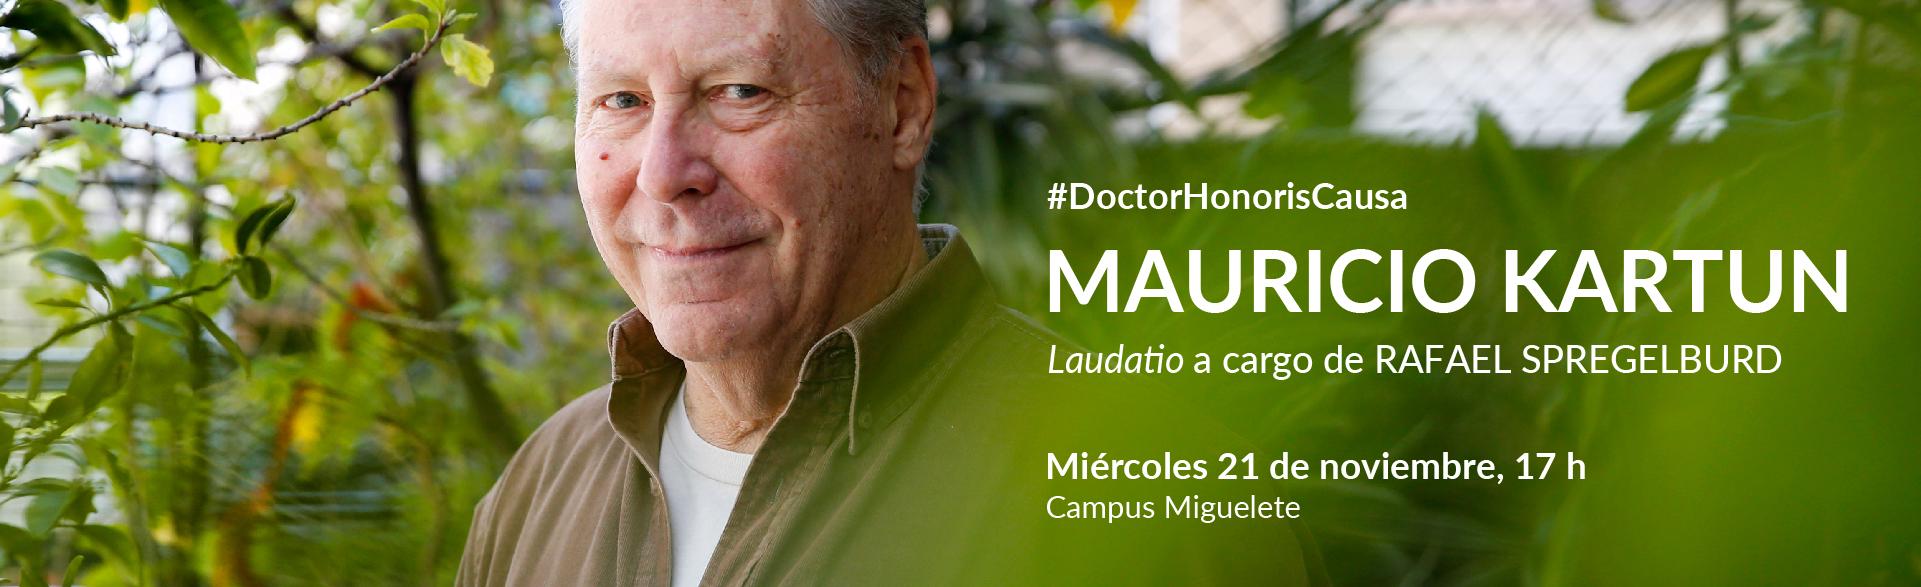 Doctor Honoris Causa Mauricio Kartun